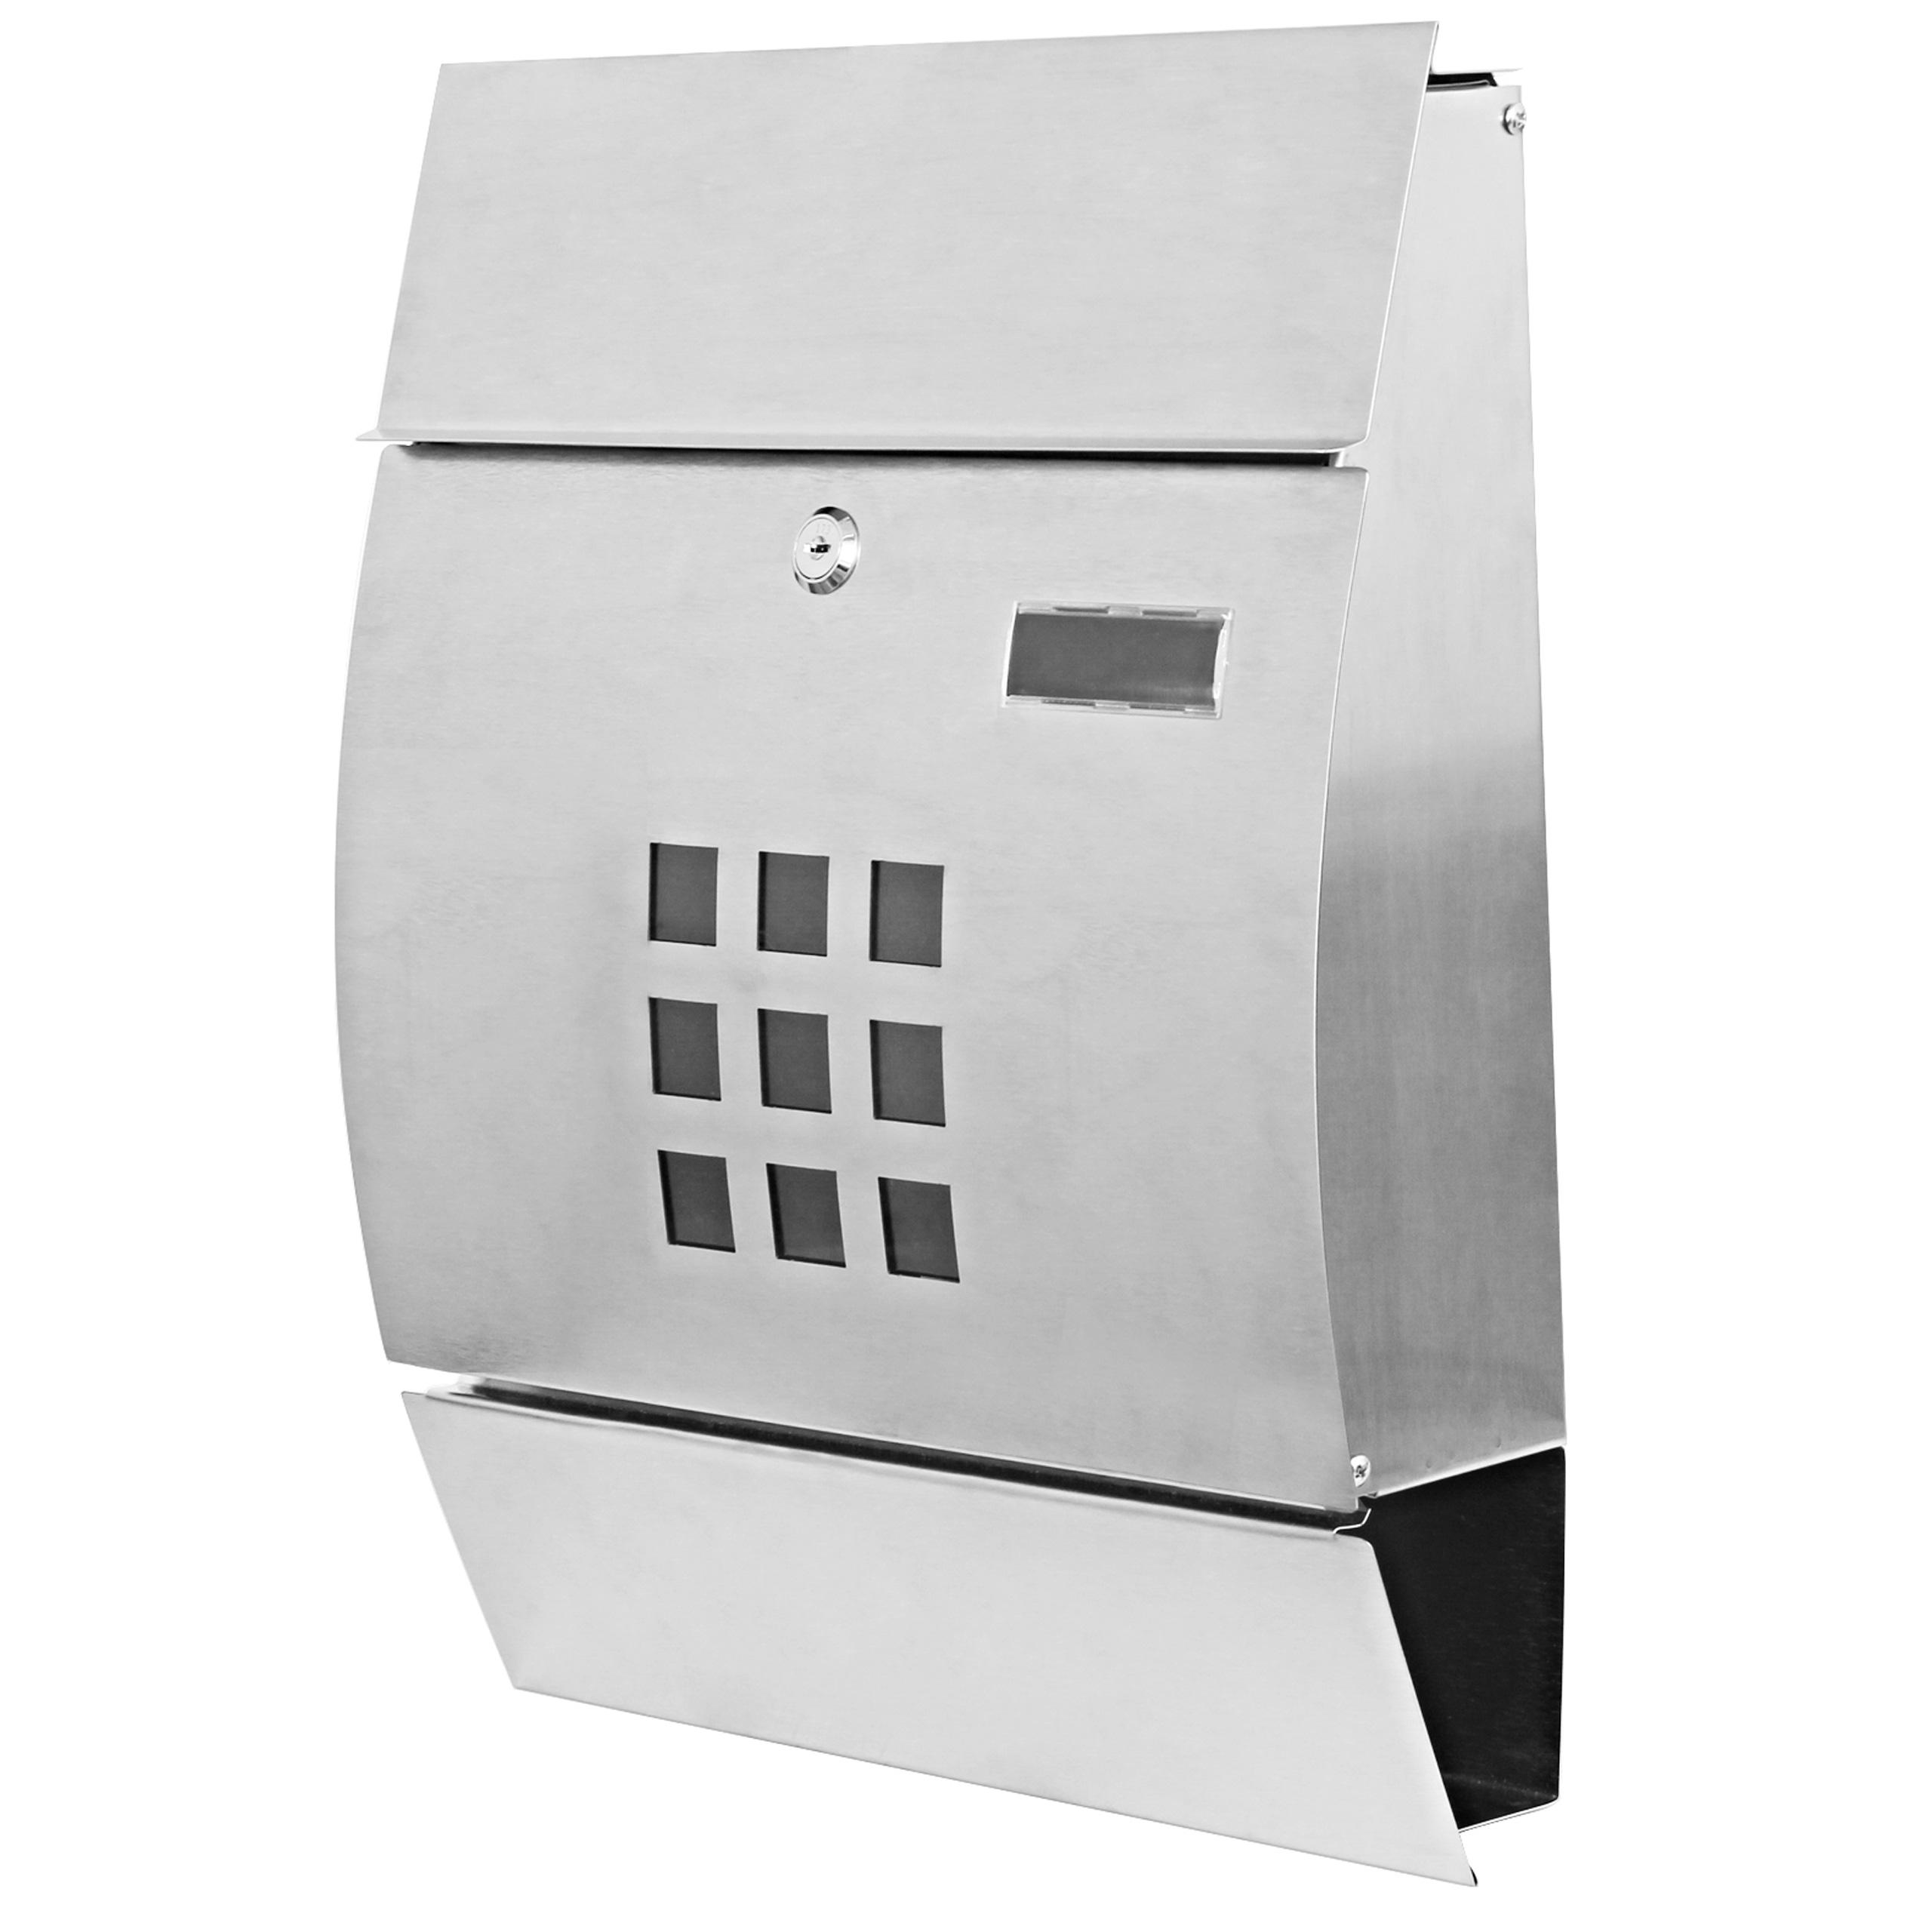 briefkasten hwc b32 wandbriefkasten postkasten zeitungsfach pulverbeschichtet edelstahl. Black Bedroom Furniture Sets. Home Design Ideas